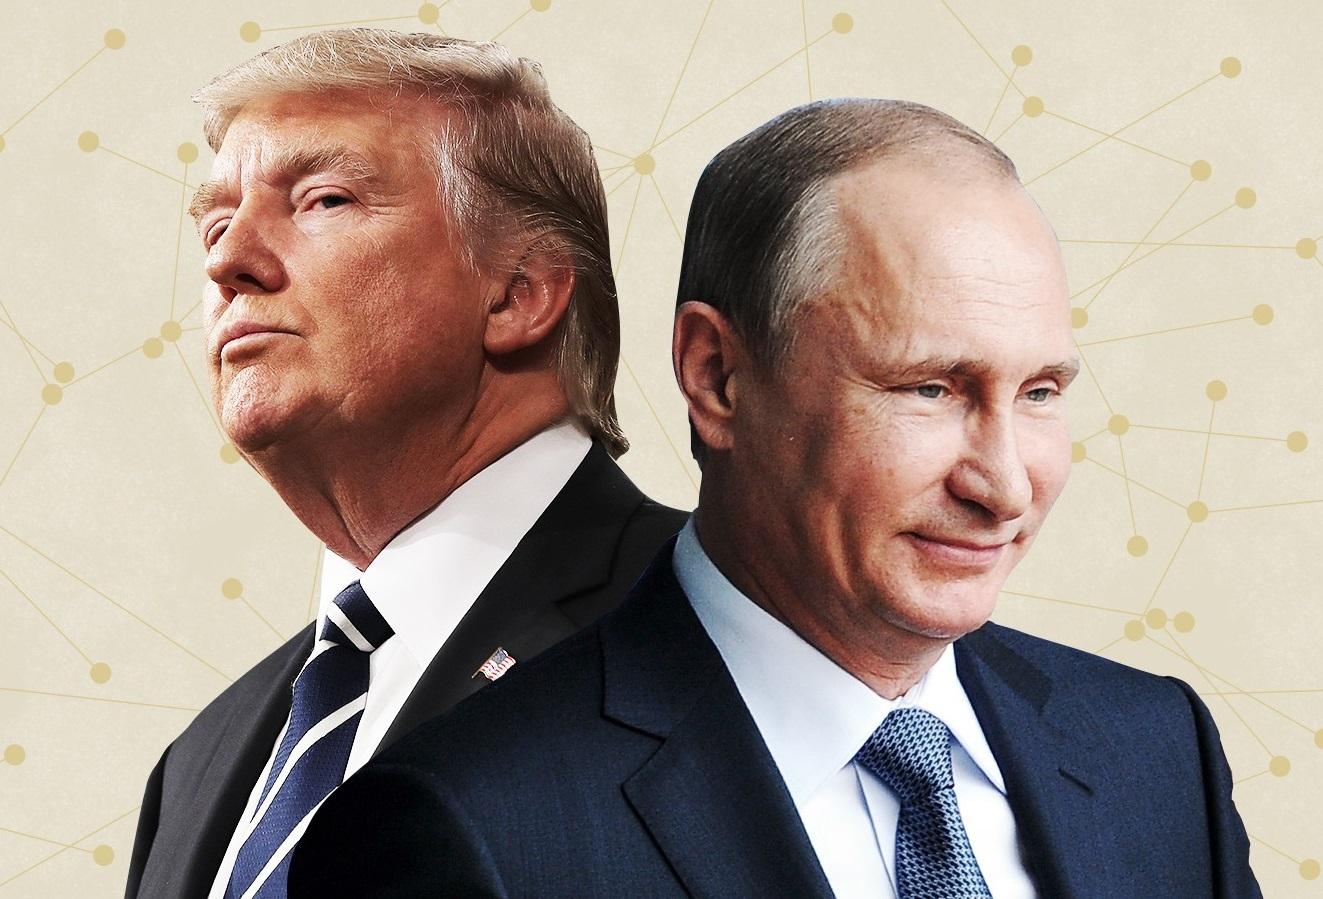 اخبارسیاسی ,خبرهای سیاسی ,پوتین  وترامپ